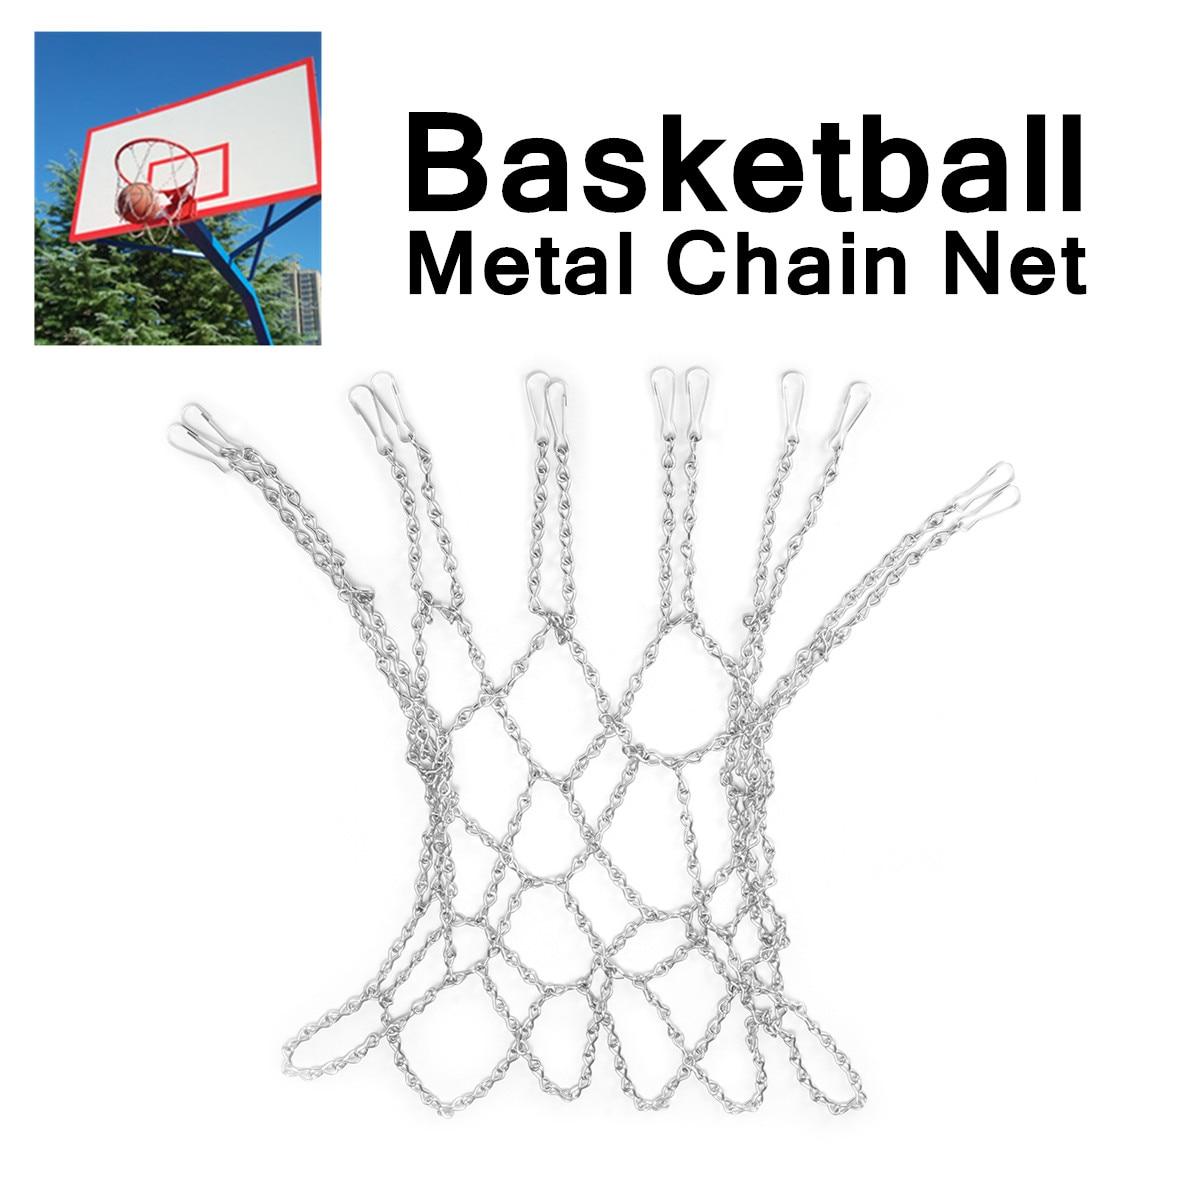 Устойчивая к ржавчине металлическая цепь из цинковой стали 12 петель для баскетбола, стандартный дизайн, подходит для обручей, легко крепится